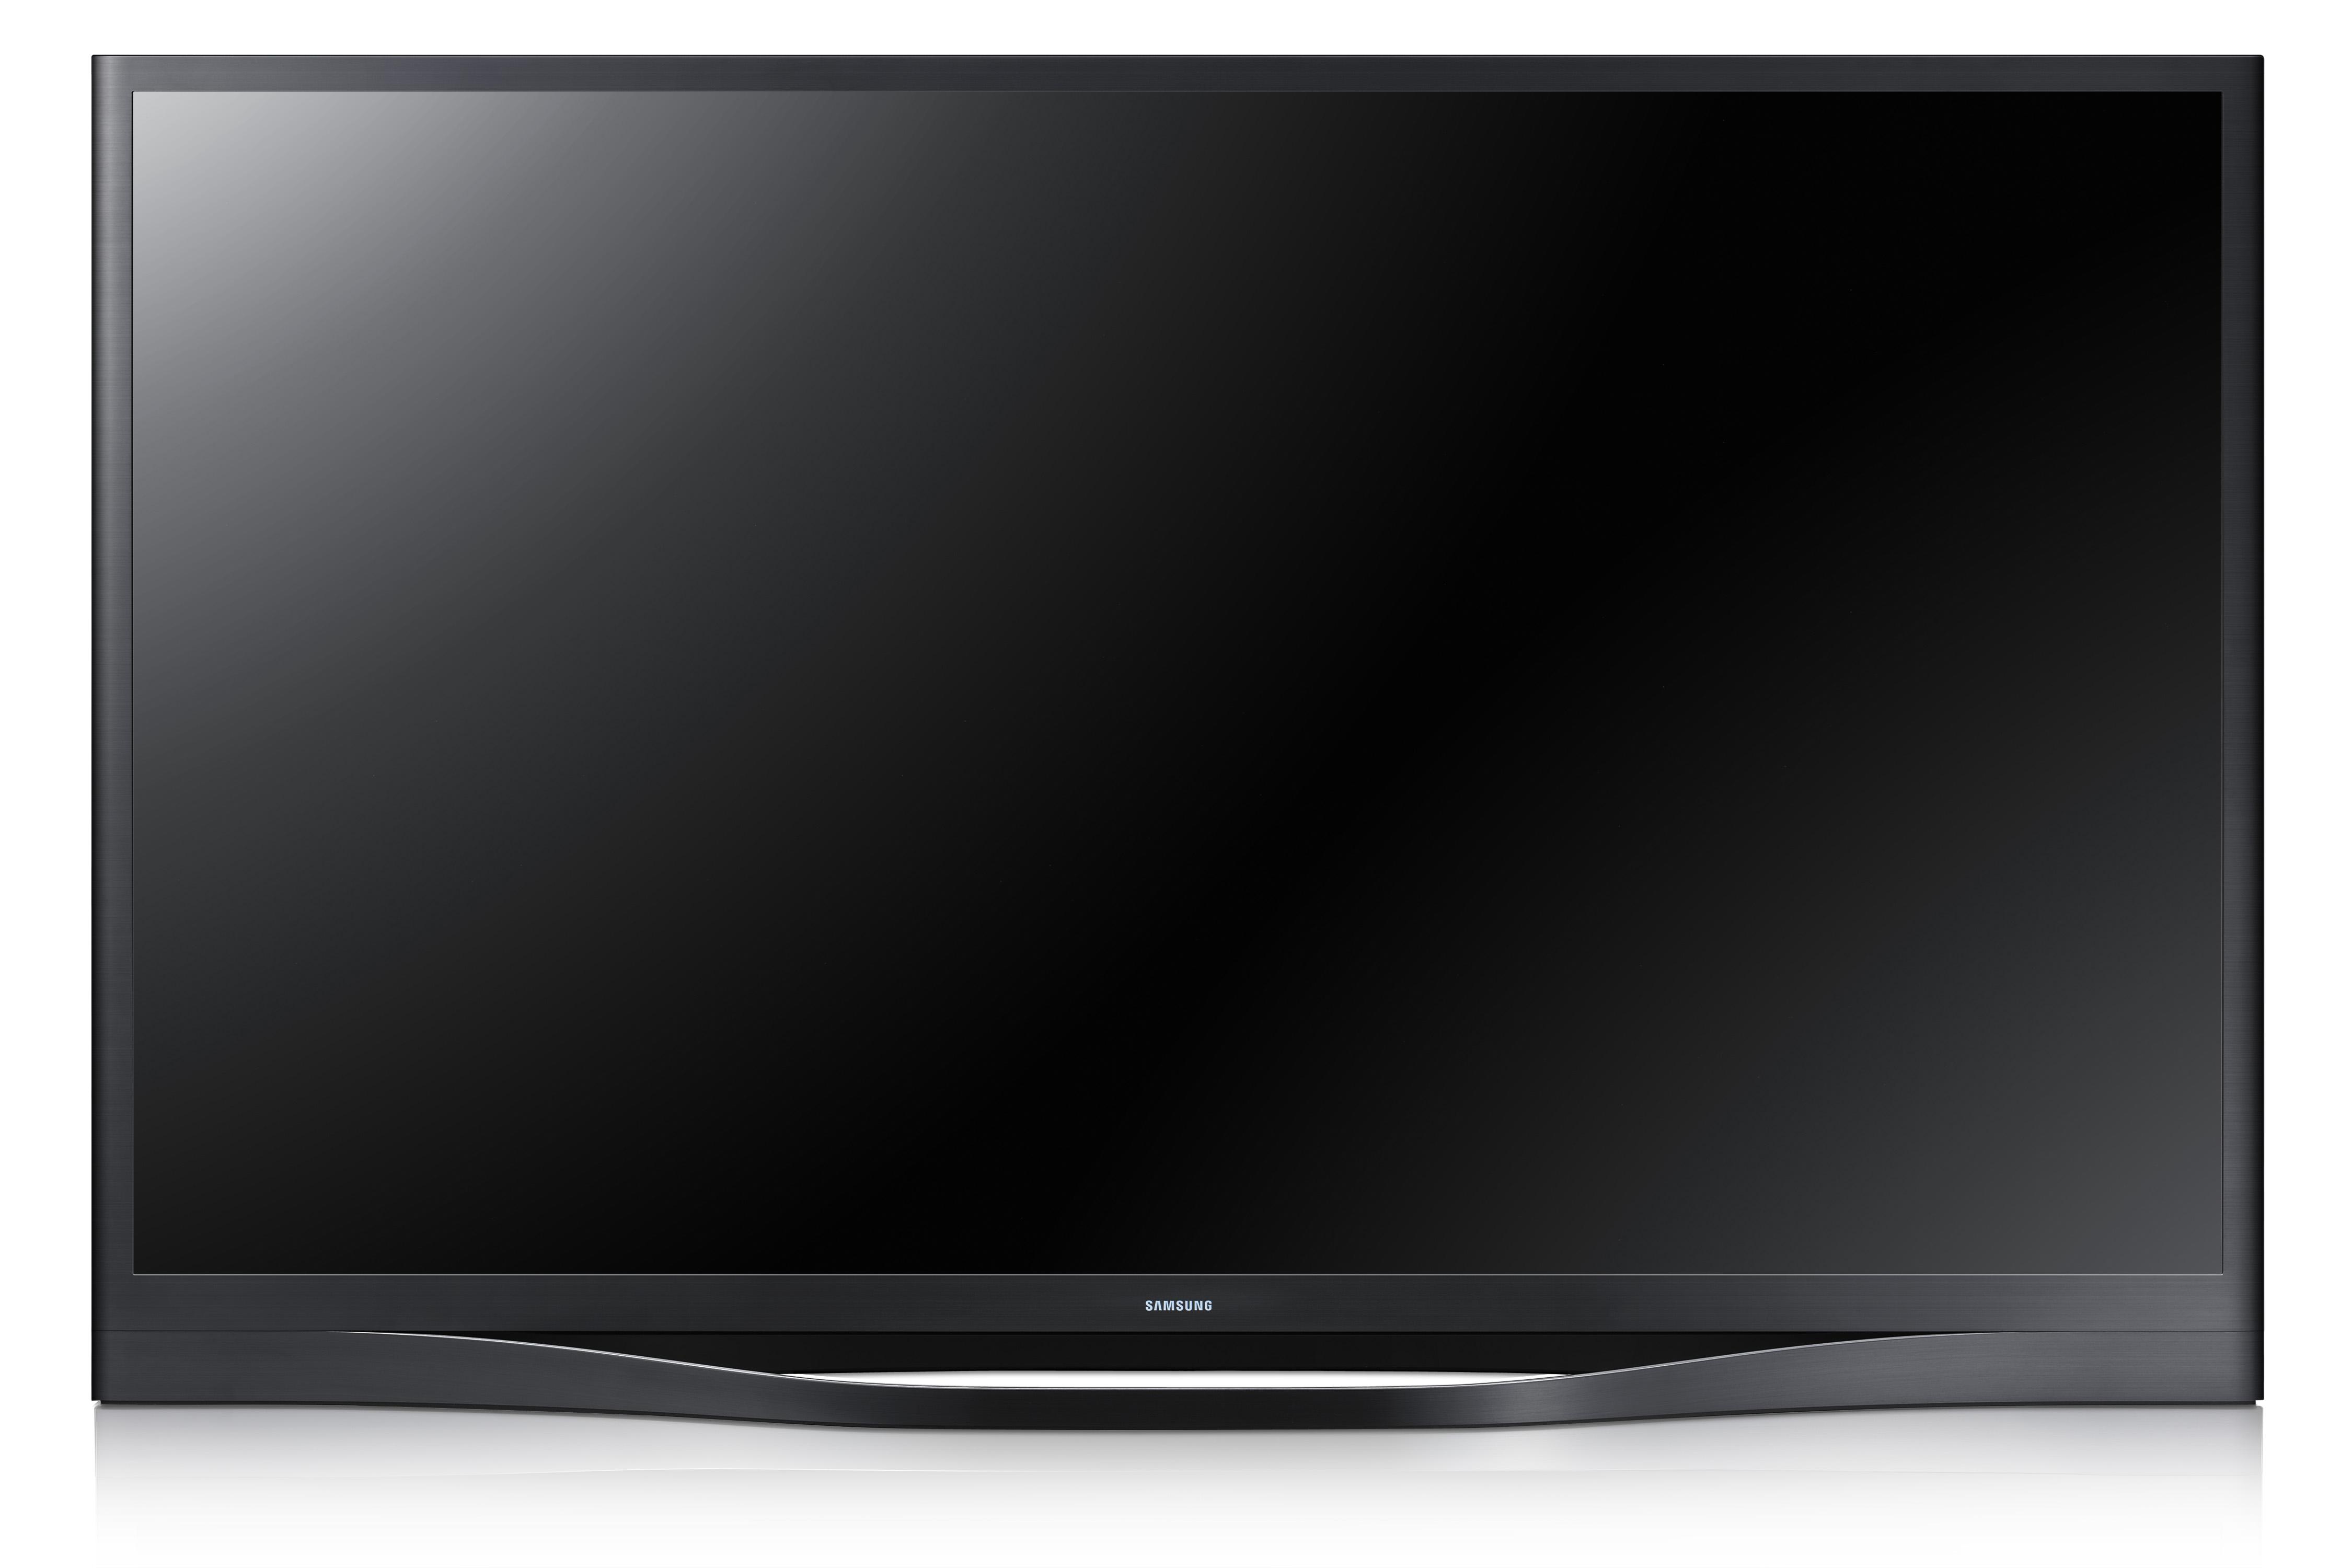 Nova serija podpira napredno glasovno in gestikularno interakcijo uporabnika s televizorjem.